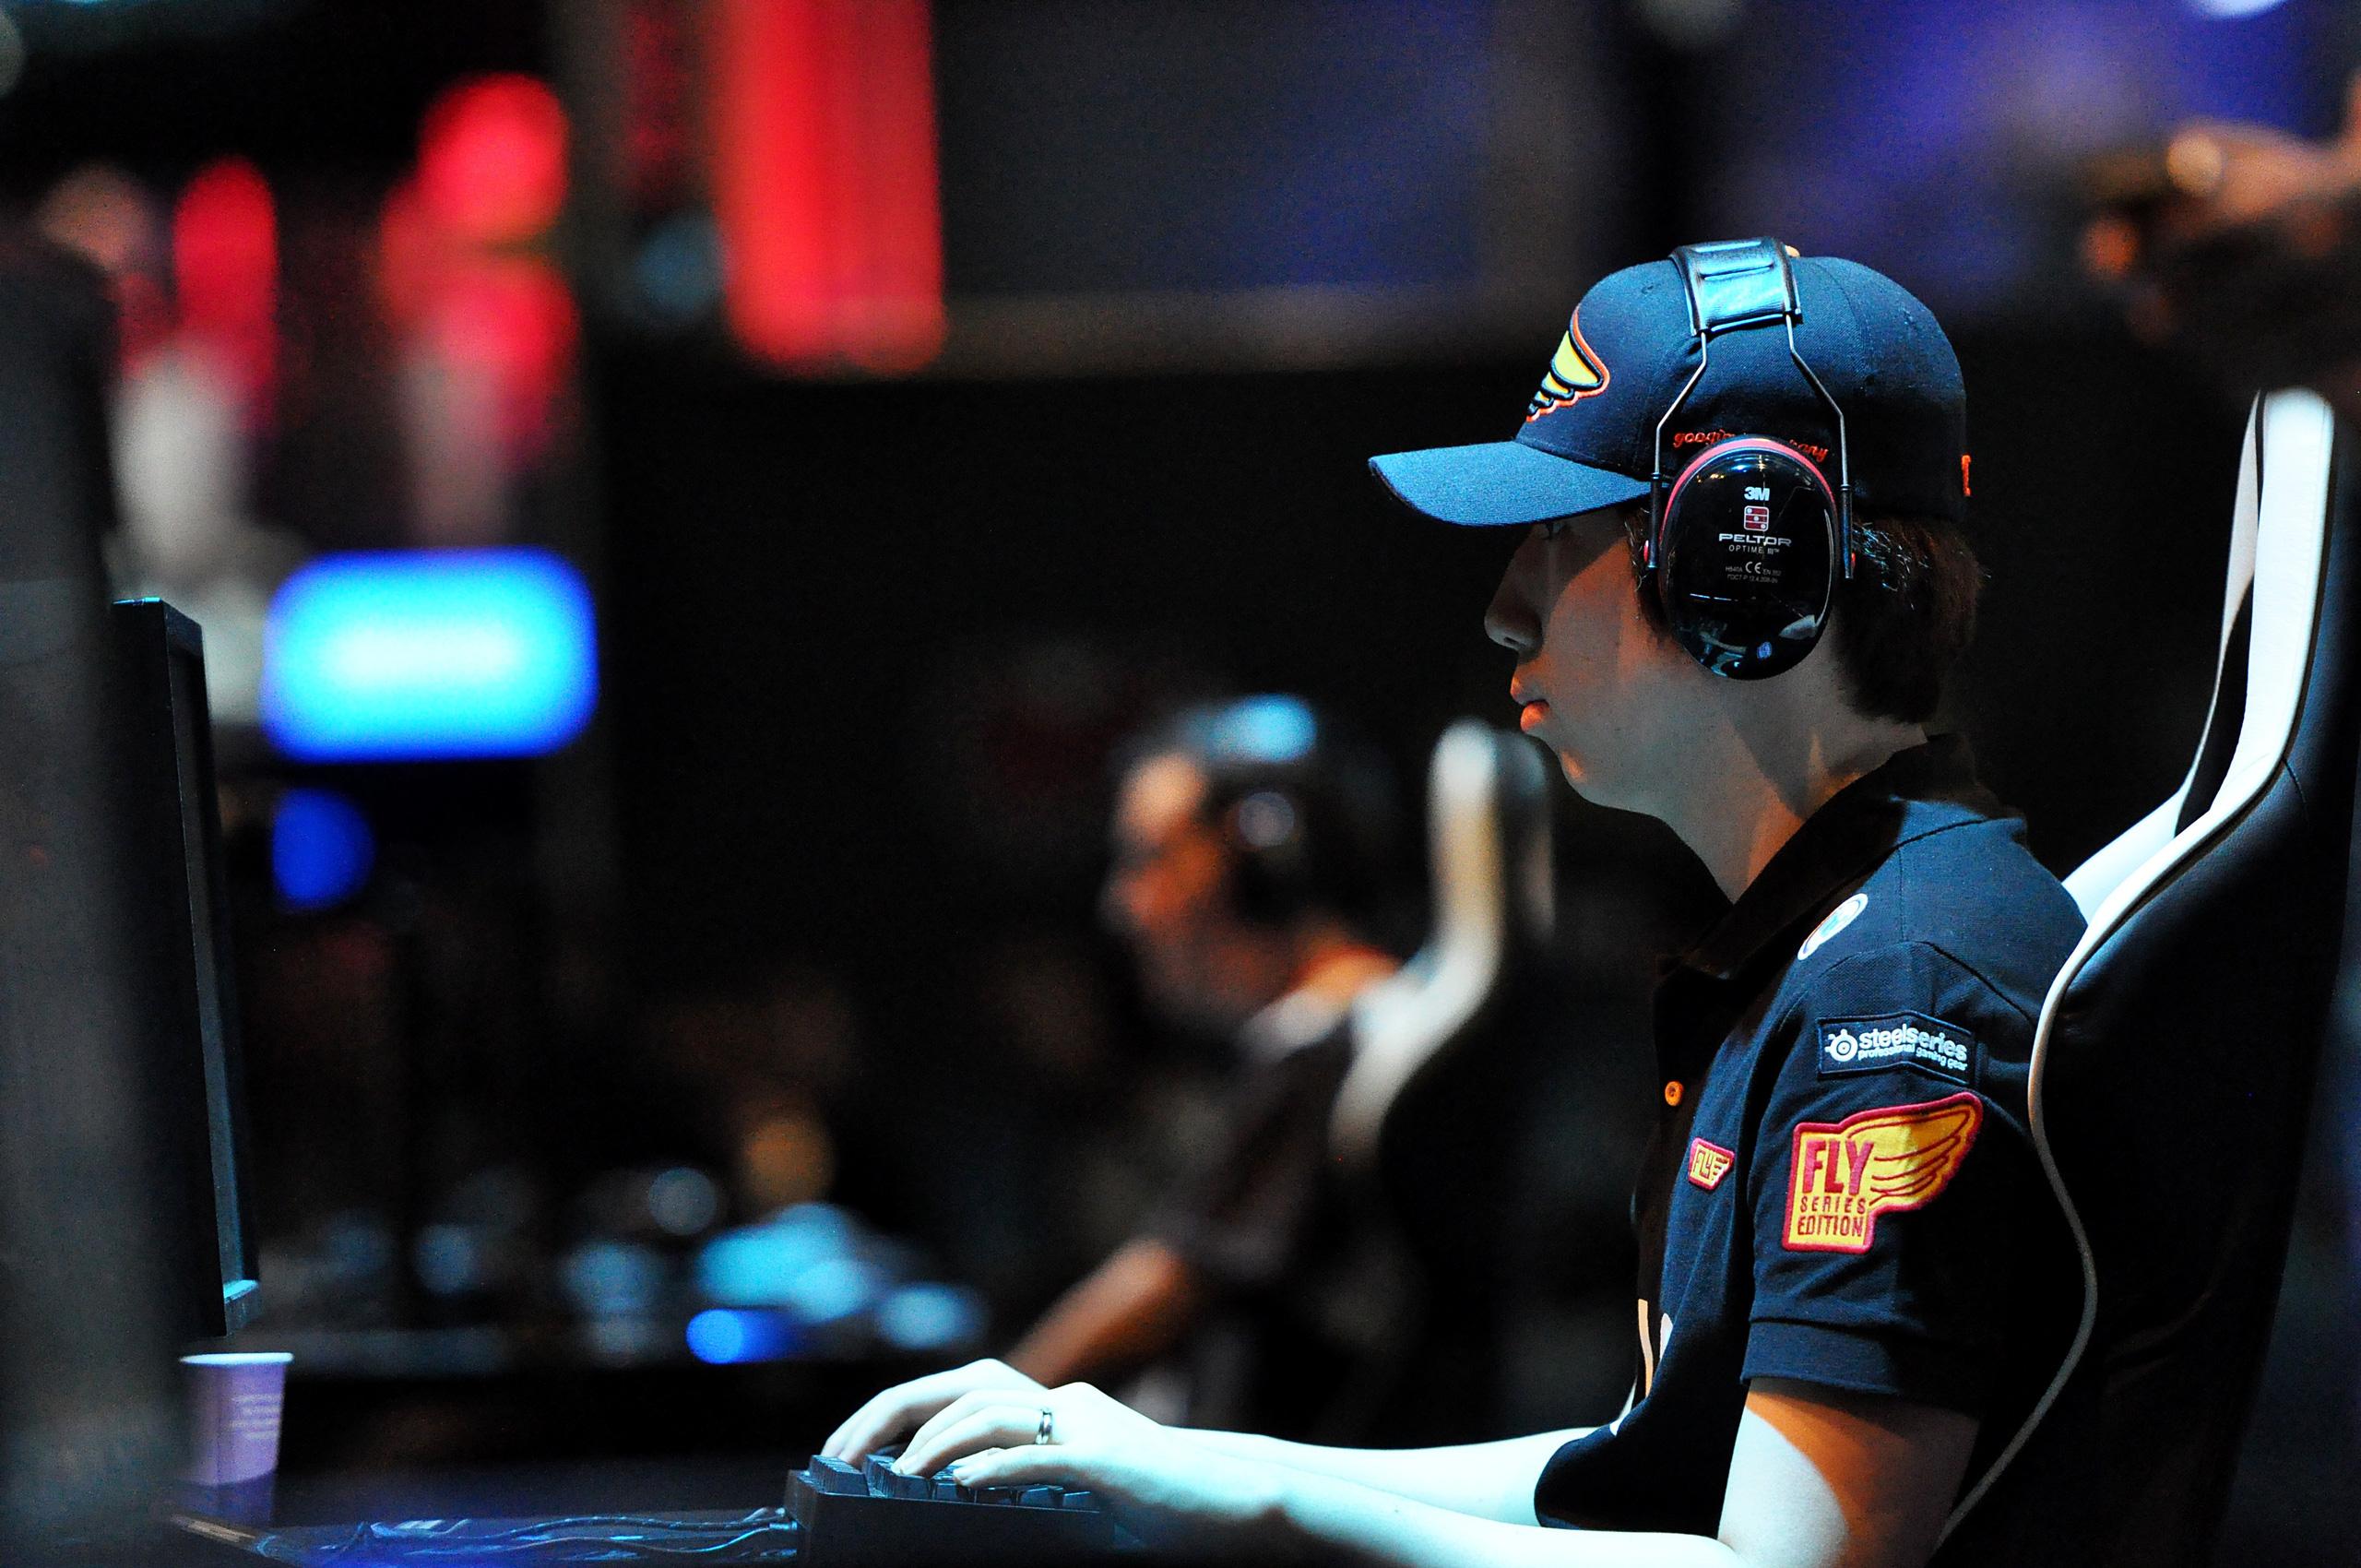 Việt Nam ghi nhận tăng trưởng 50% trong chi tiêu vào trò chơi điện tử - Ảnh 1.